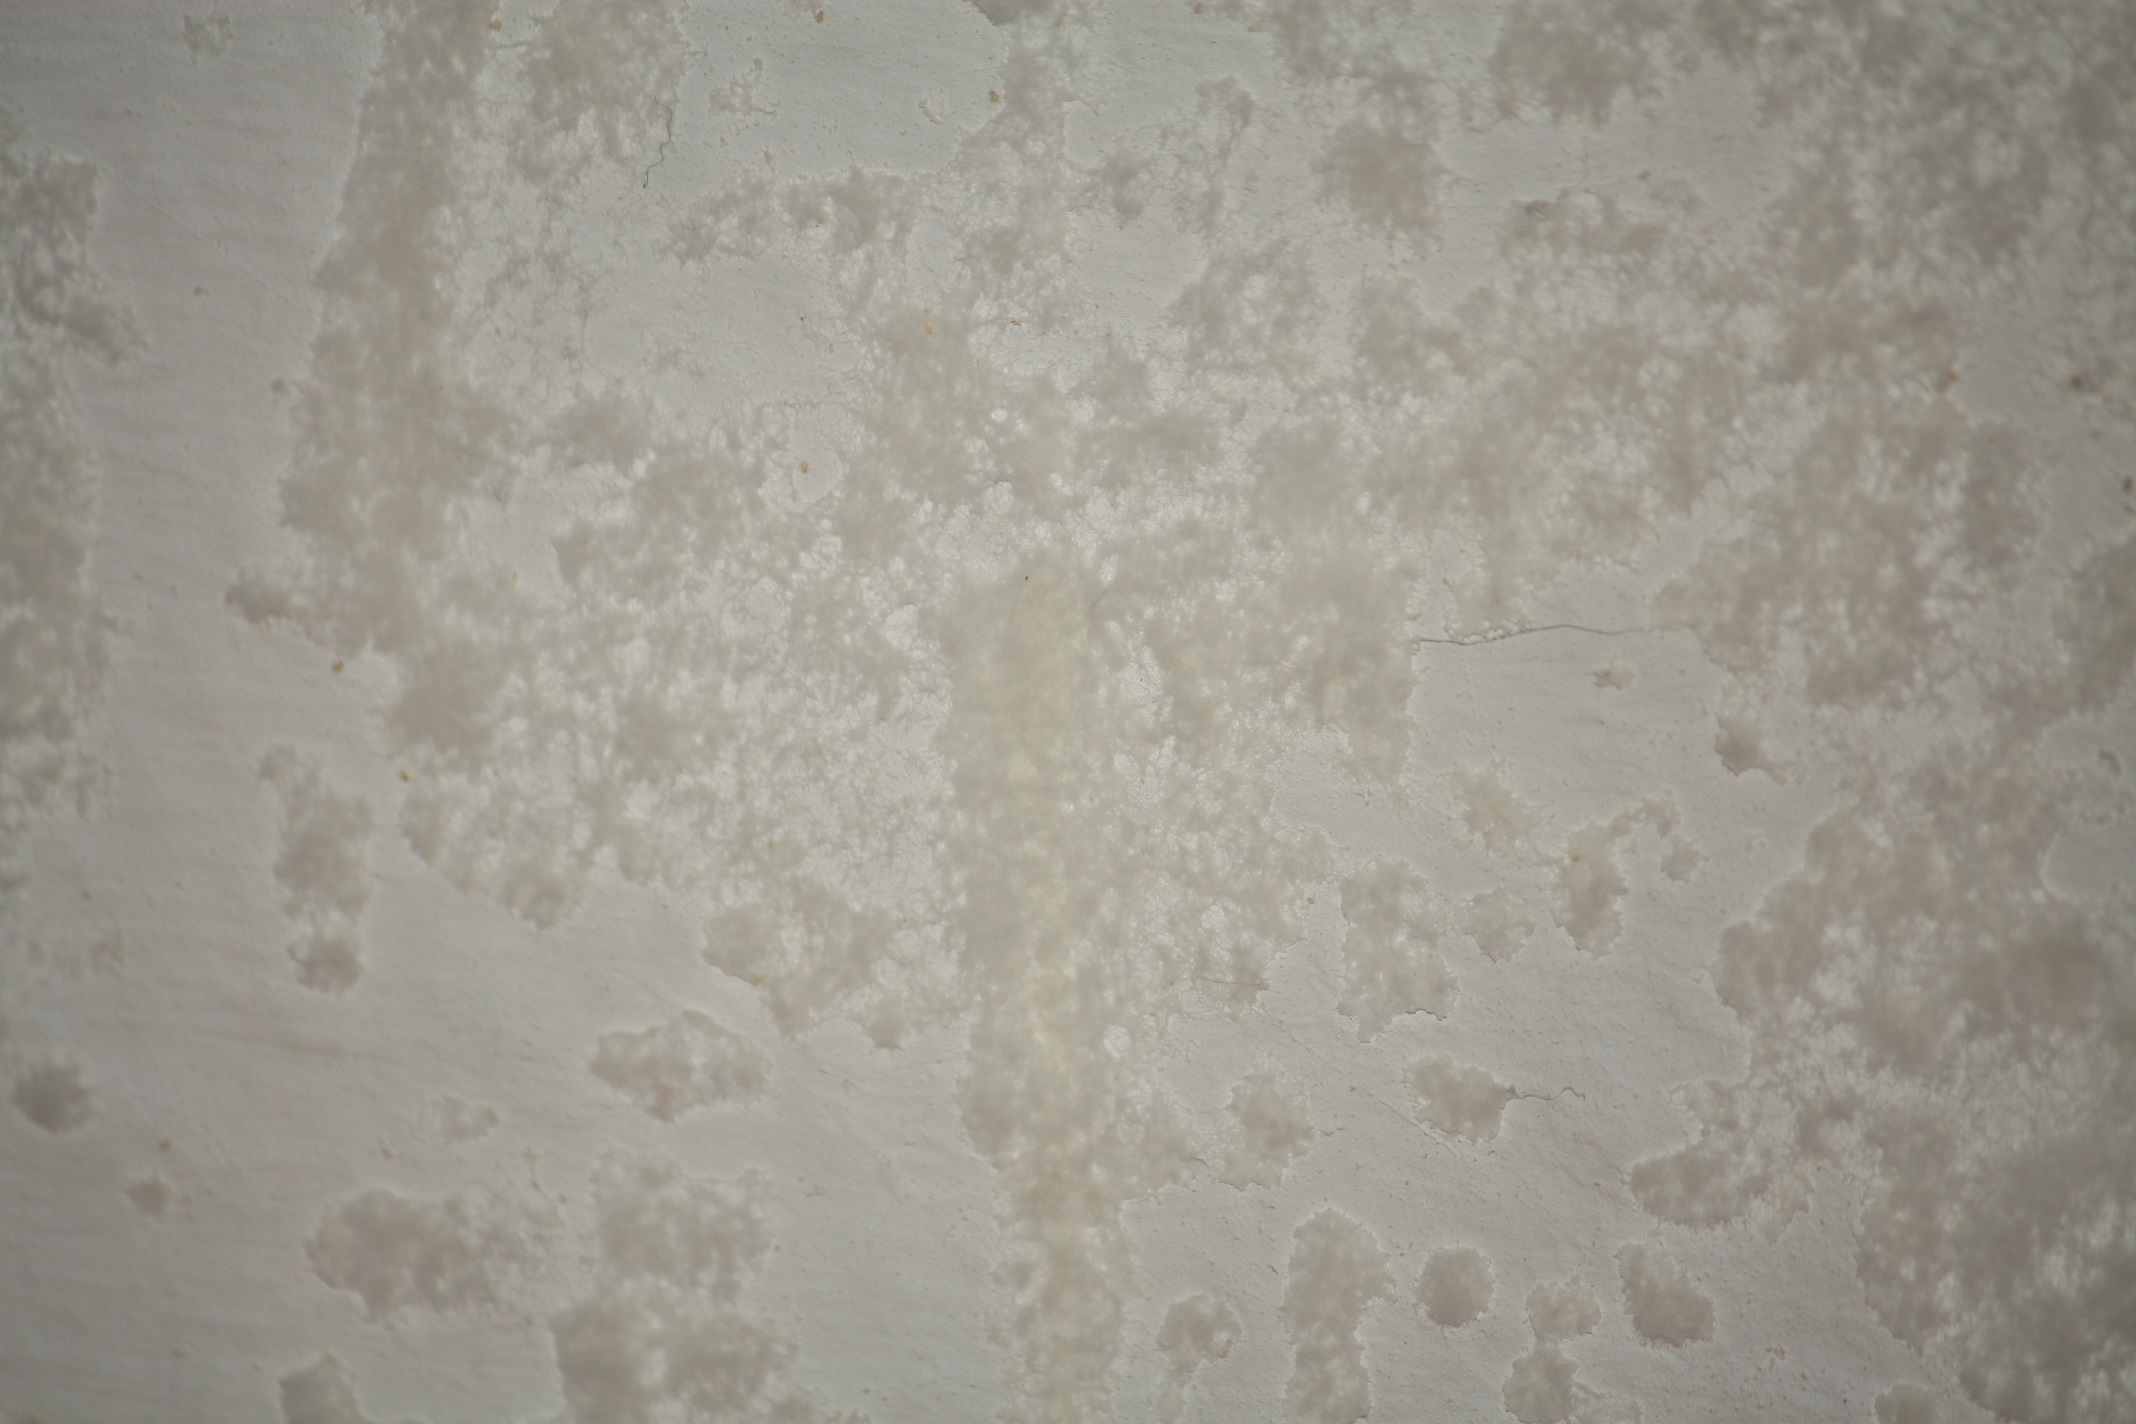 schimmel oder salzausbl hung im wohnzimmer wohnung salz sanieren. Black Bedroom Furniture Sets. Home Design Ideas